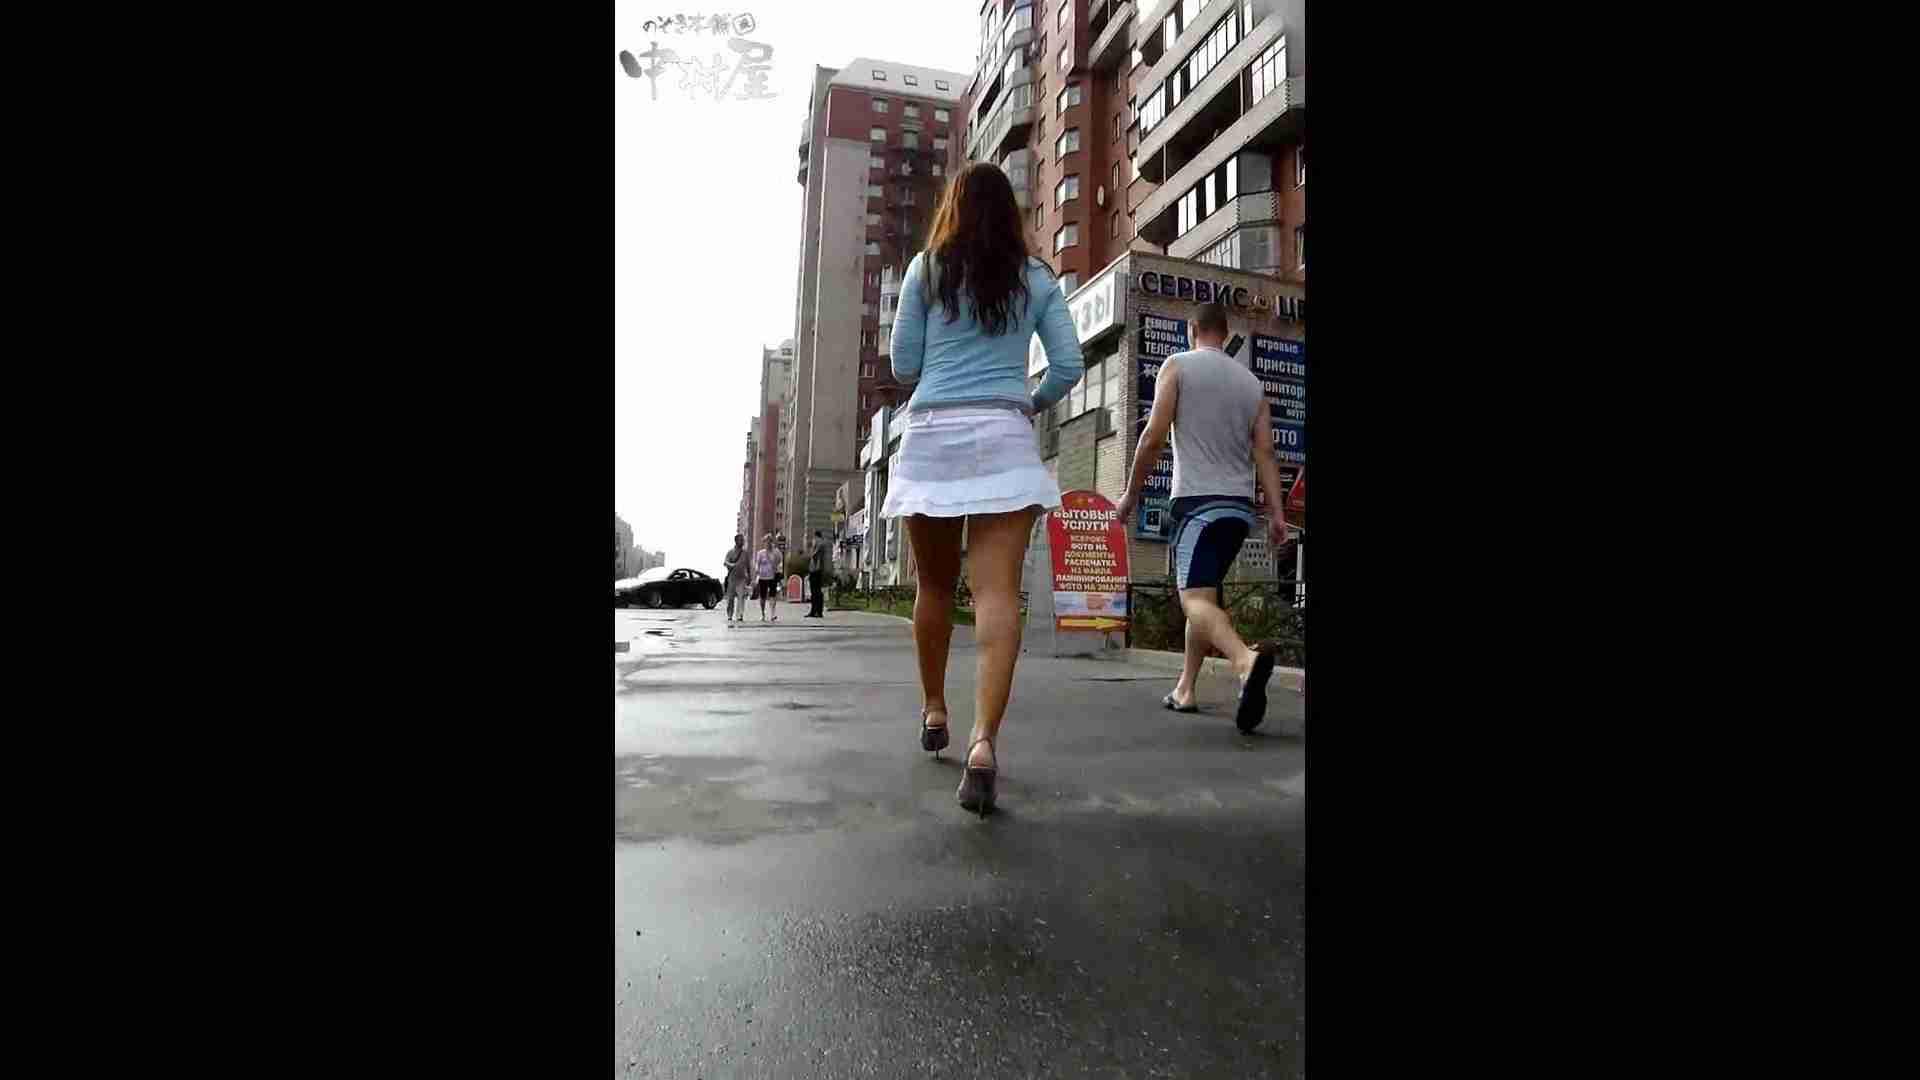 綺麗なモデルさんのスカート捲っちゃおう‼ vol21 お姉さんのエロ動画  87PIX 22